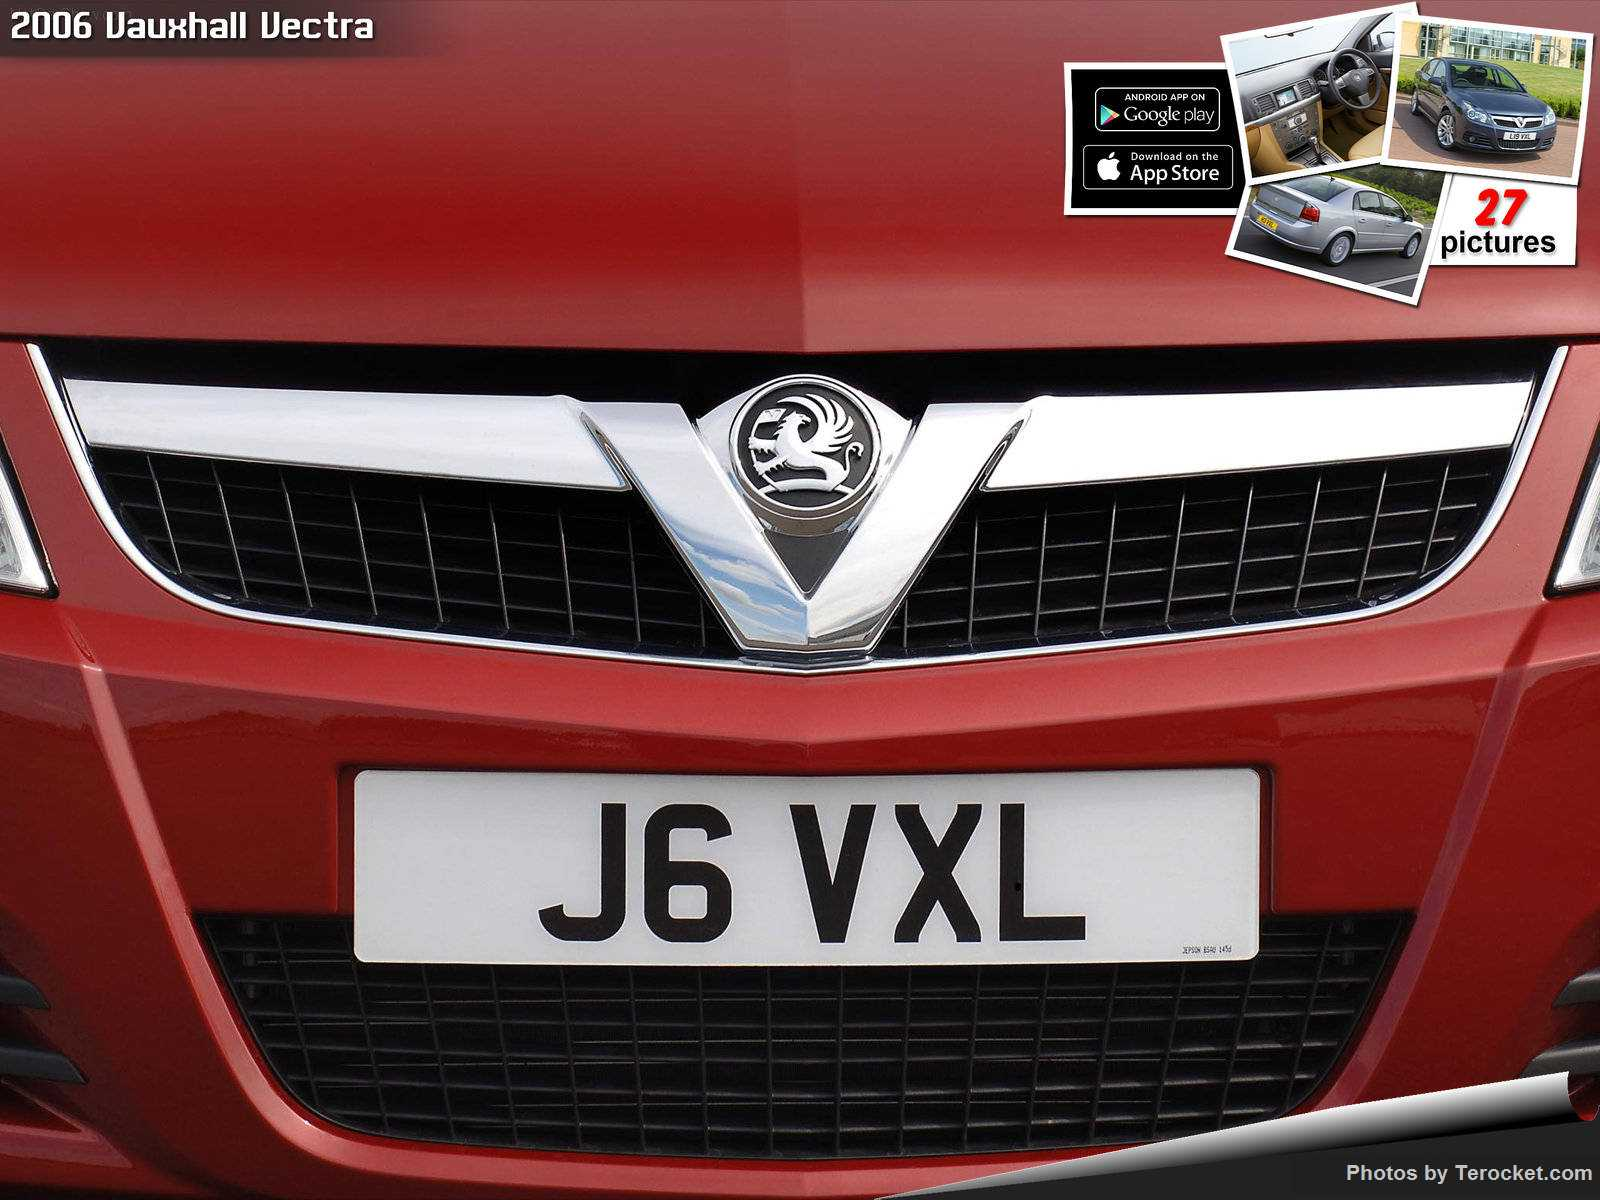 Hình ảnh xe ô tô Vauxhall Vectra 2006 & nội ngoại thất